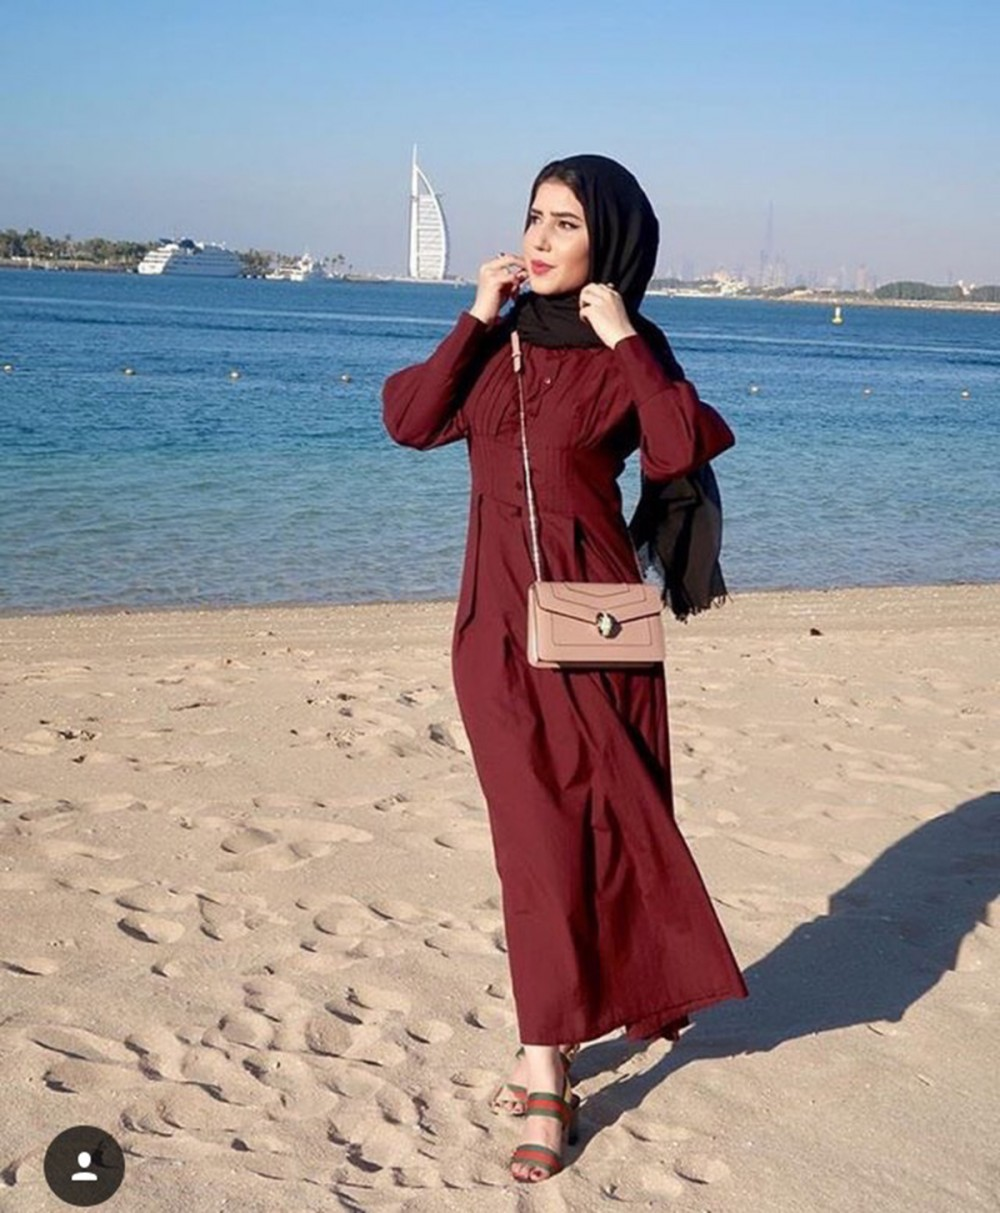 صورة محجبات على الشاطئ , ستايل ملابس فضفاضة وانيقةللمججبات علي البحر